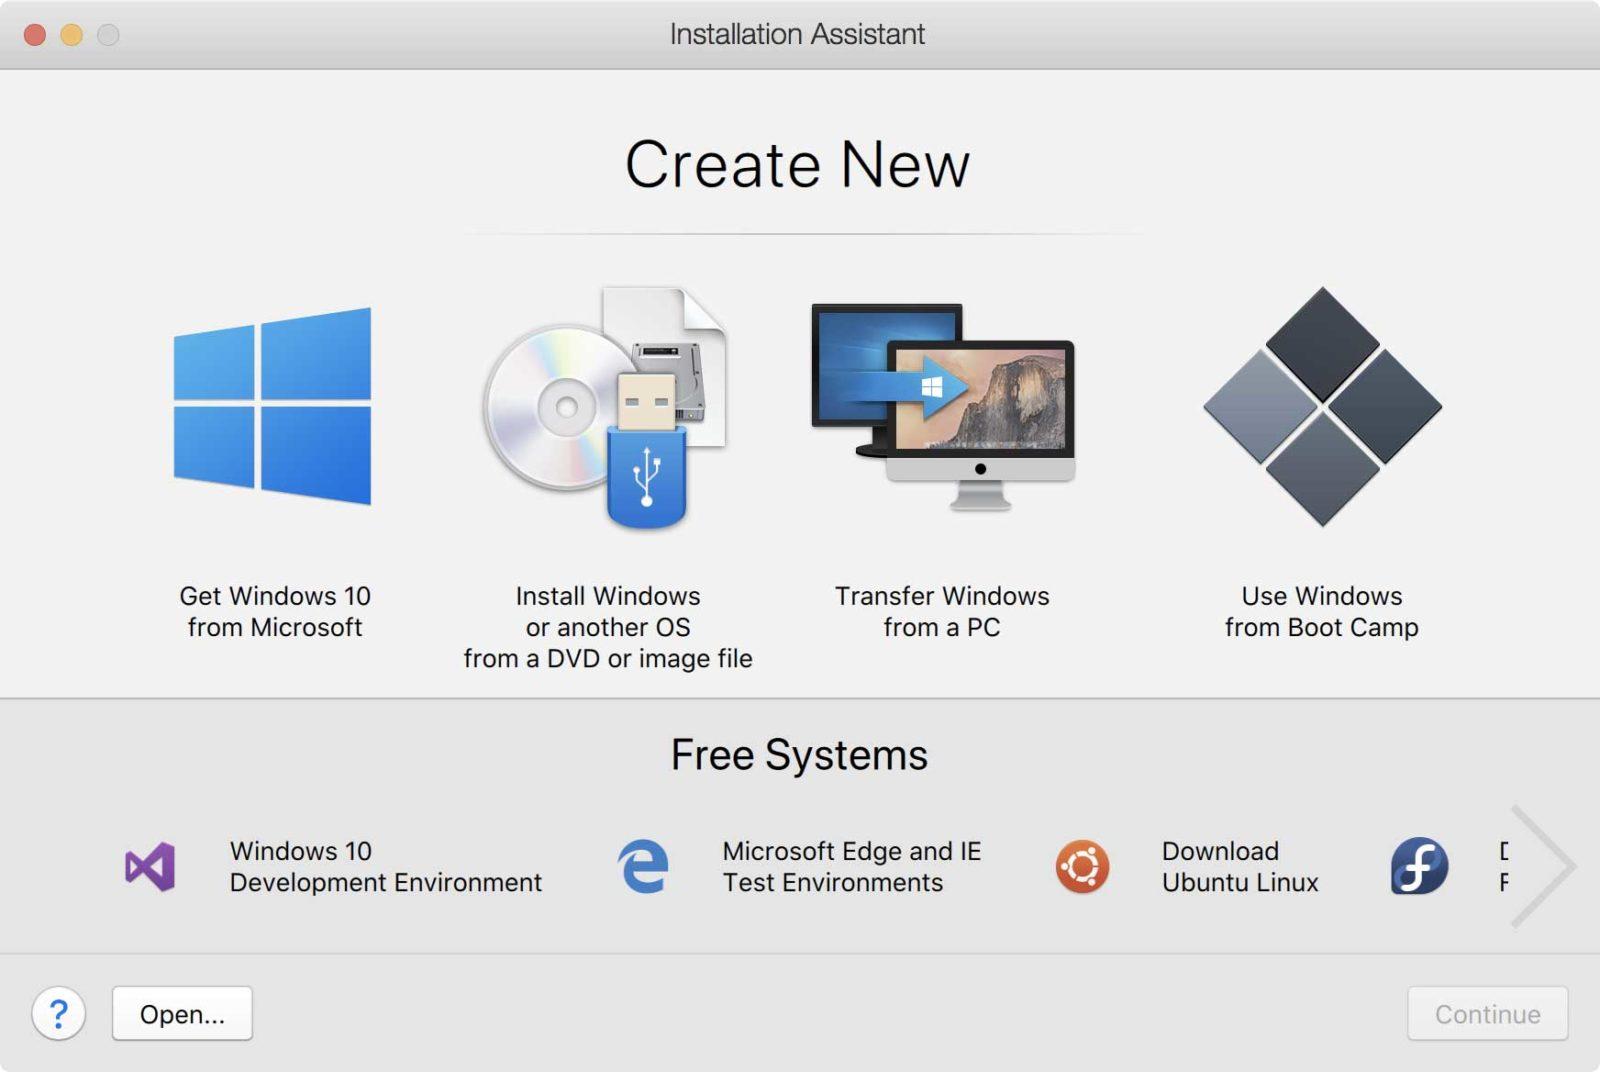 La procedura guidata di installazione che consente di creare nuove macchine virtuali